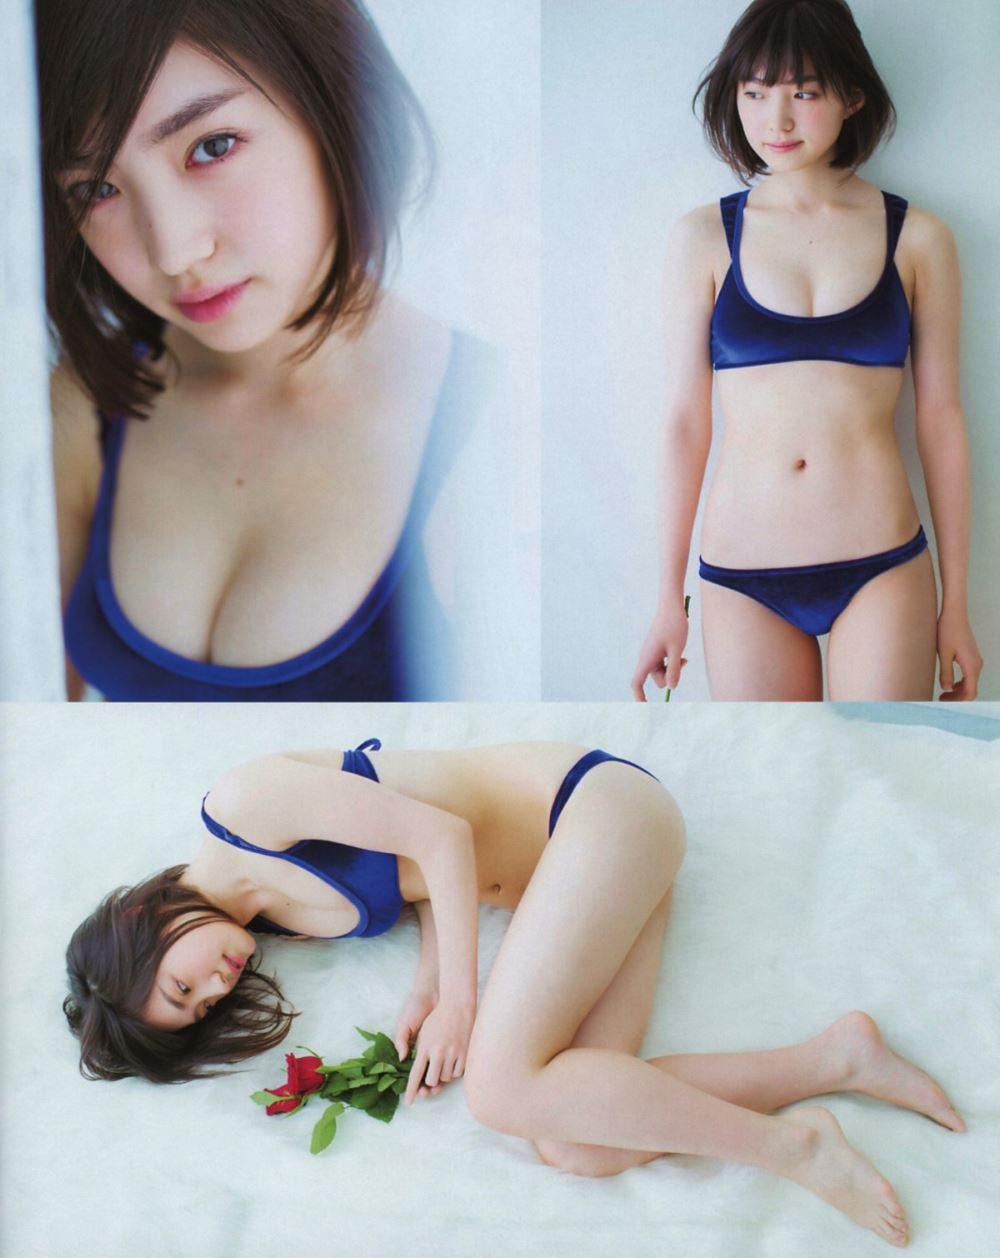 太田夢莉 1万年に1人 可愛い アイドル 水着 画像 76